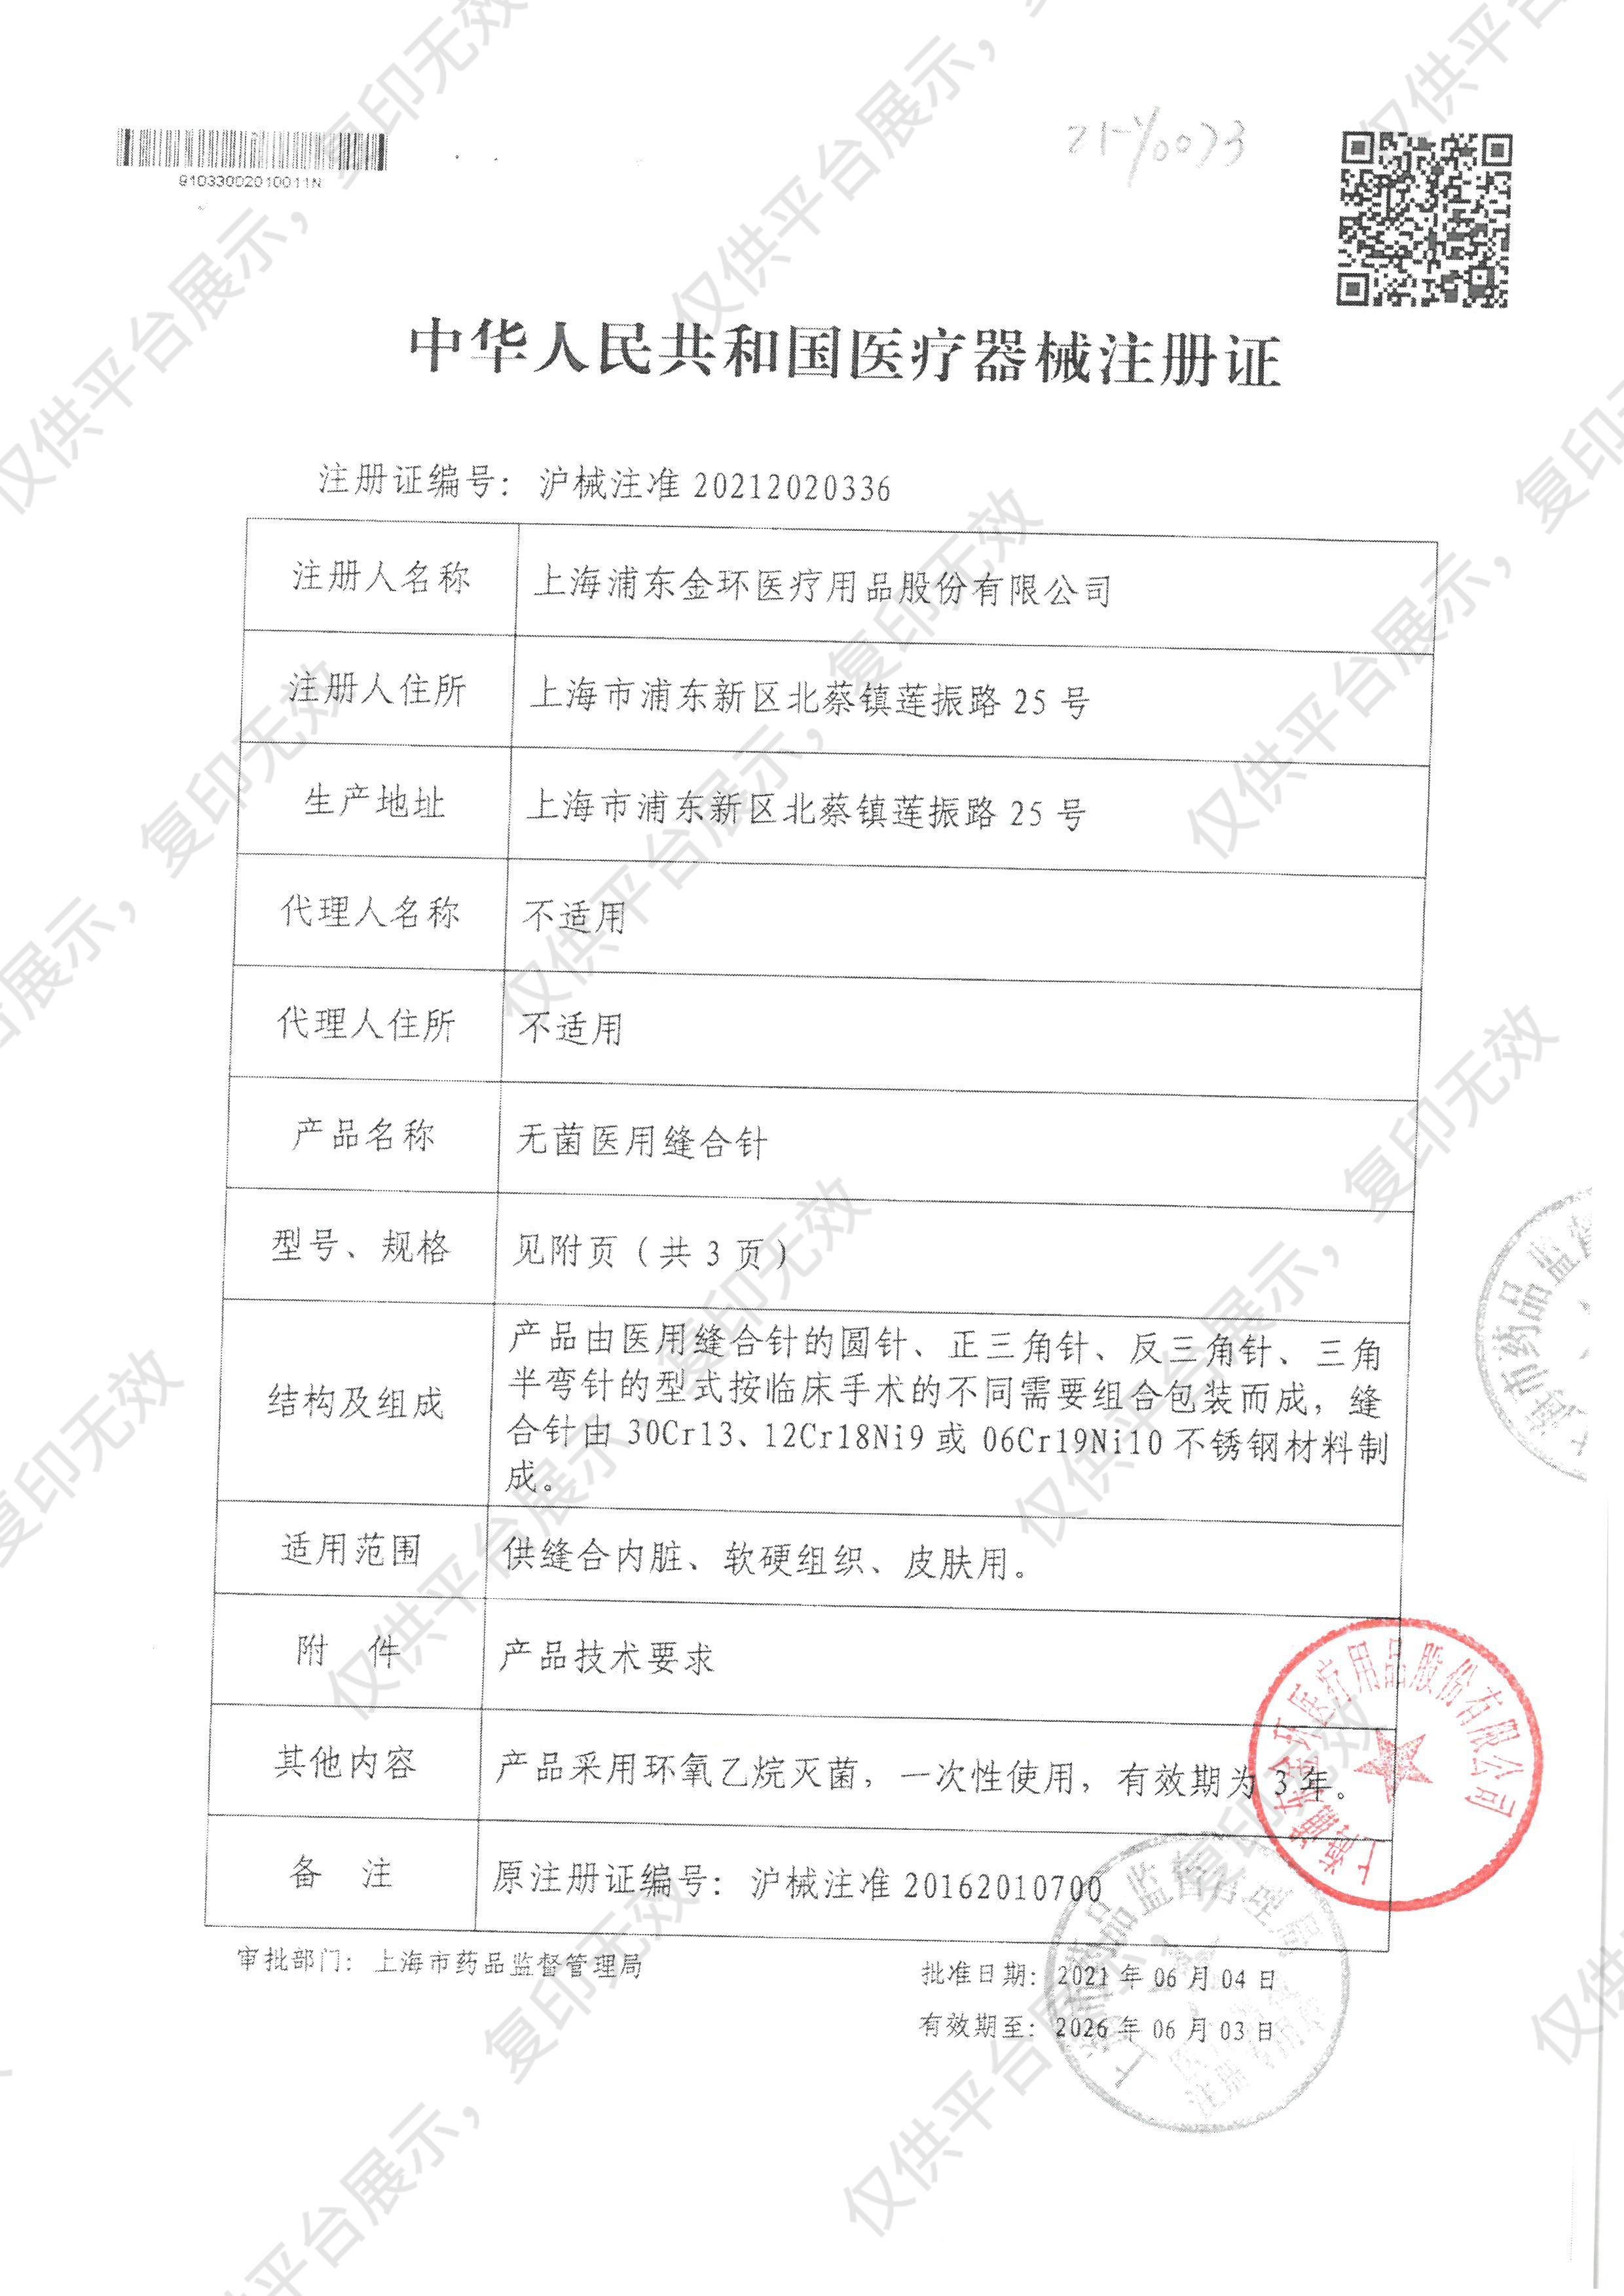 金环(Jinhuan) 无菌医用缝合针(组合针)TJ-1-1028 1/2 10*28 盒装 (50包)注册证